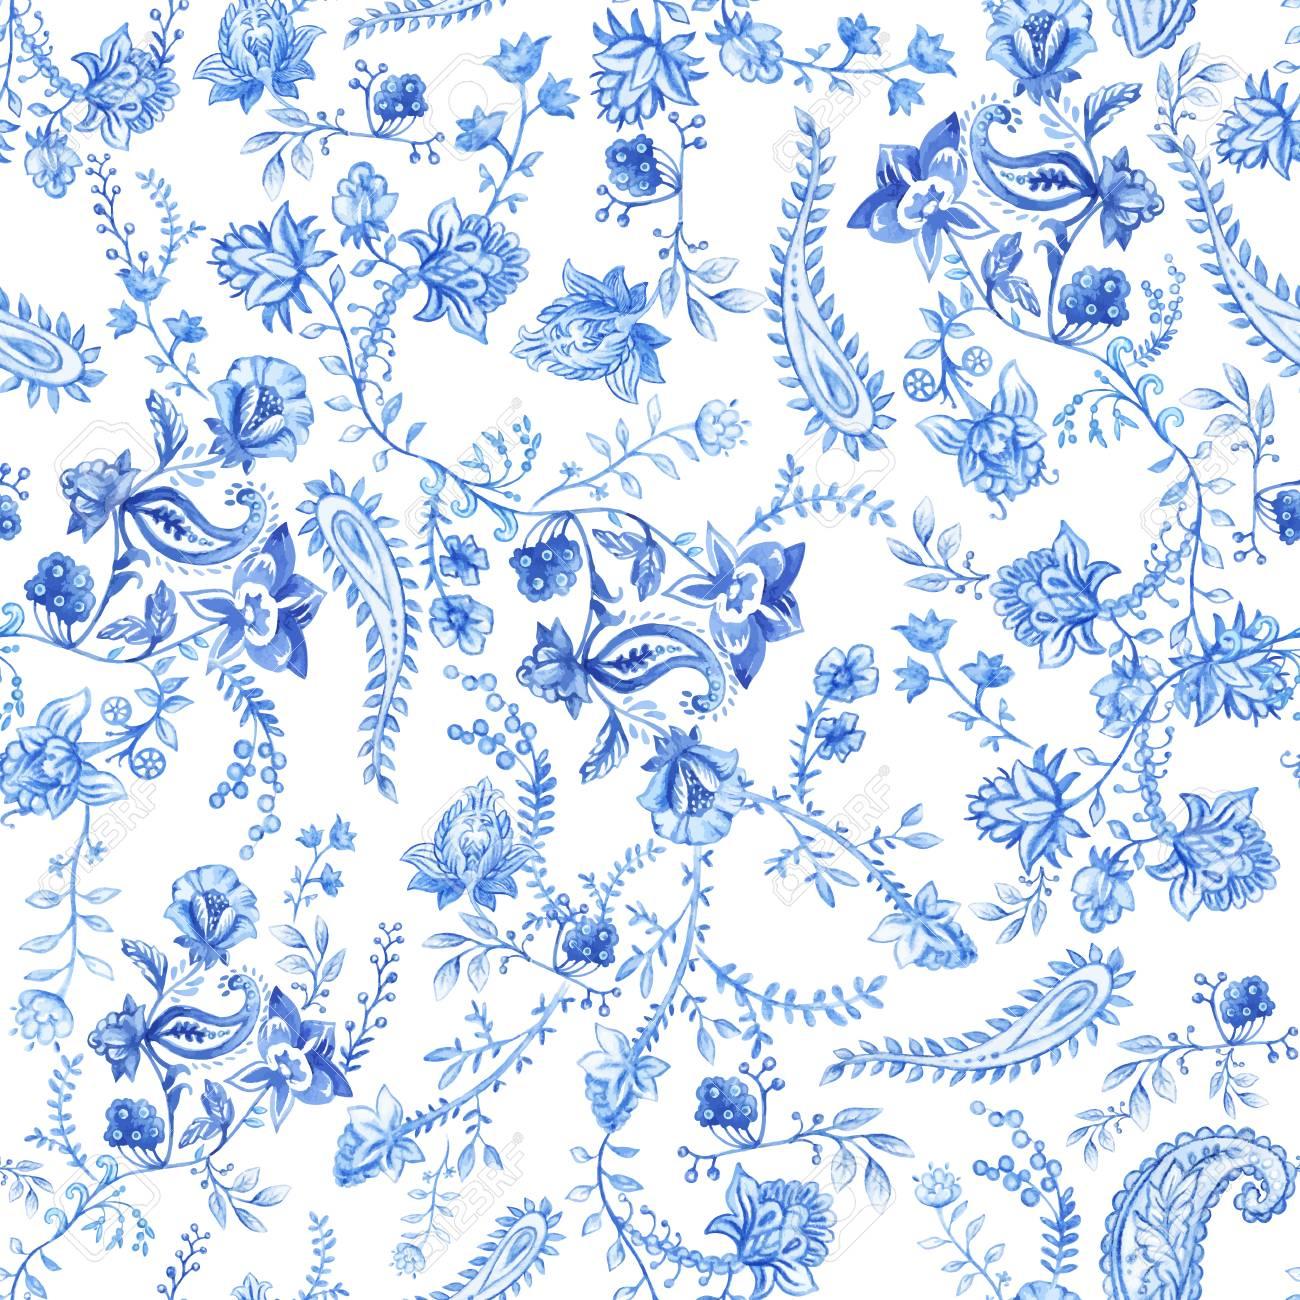 青と白の花の壁紙 ペイズリー風のシームレス花柄装飾的な植物の背景